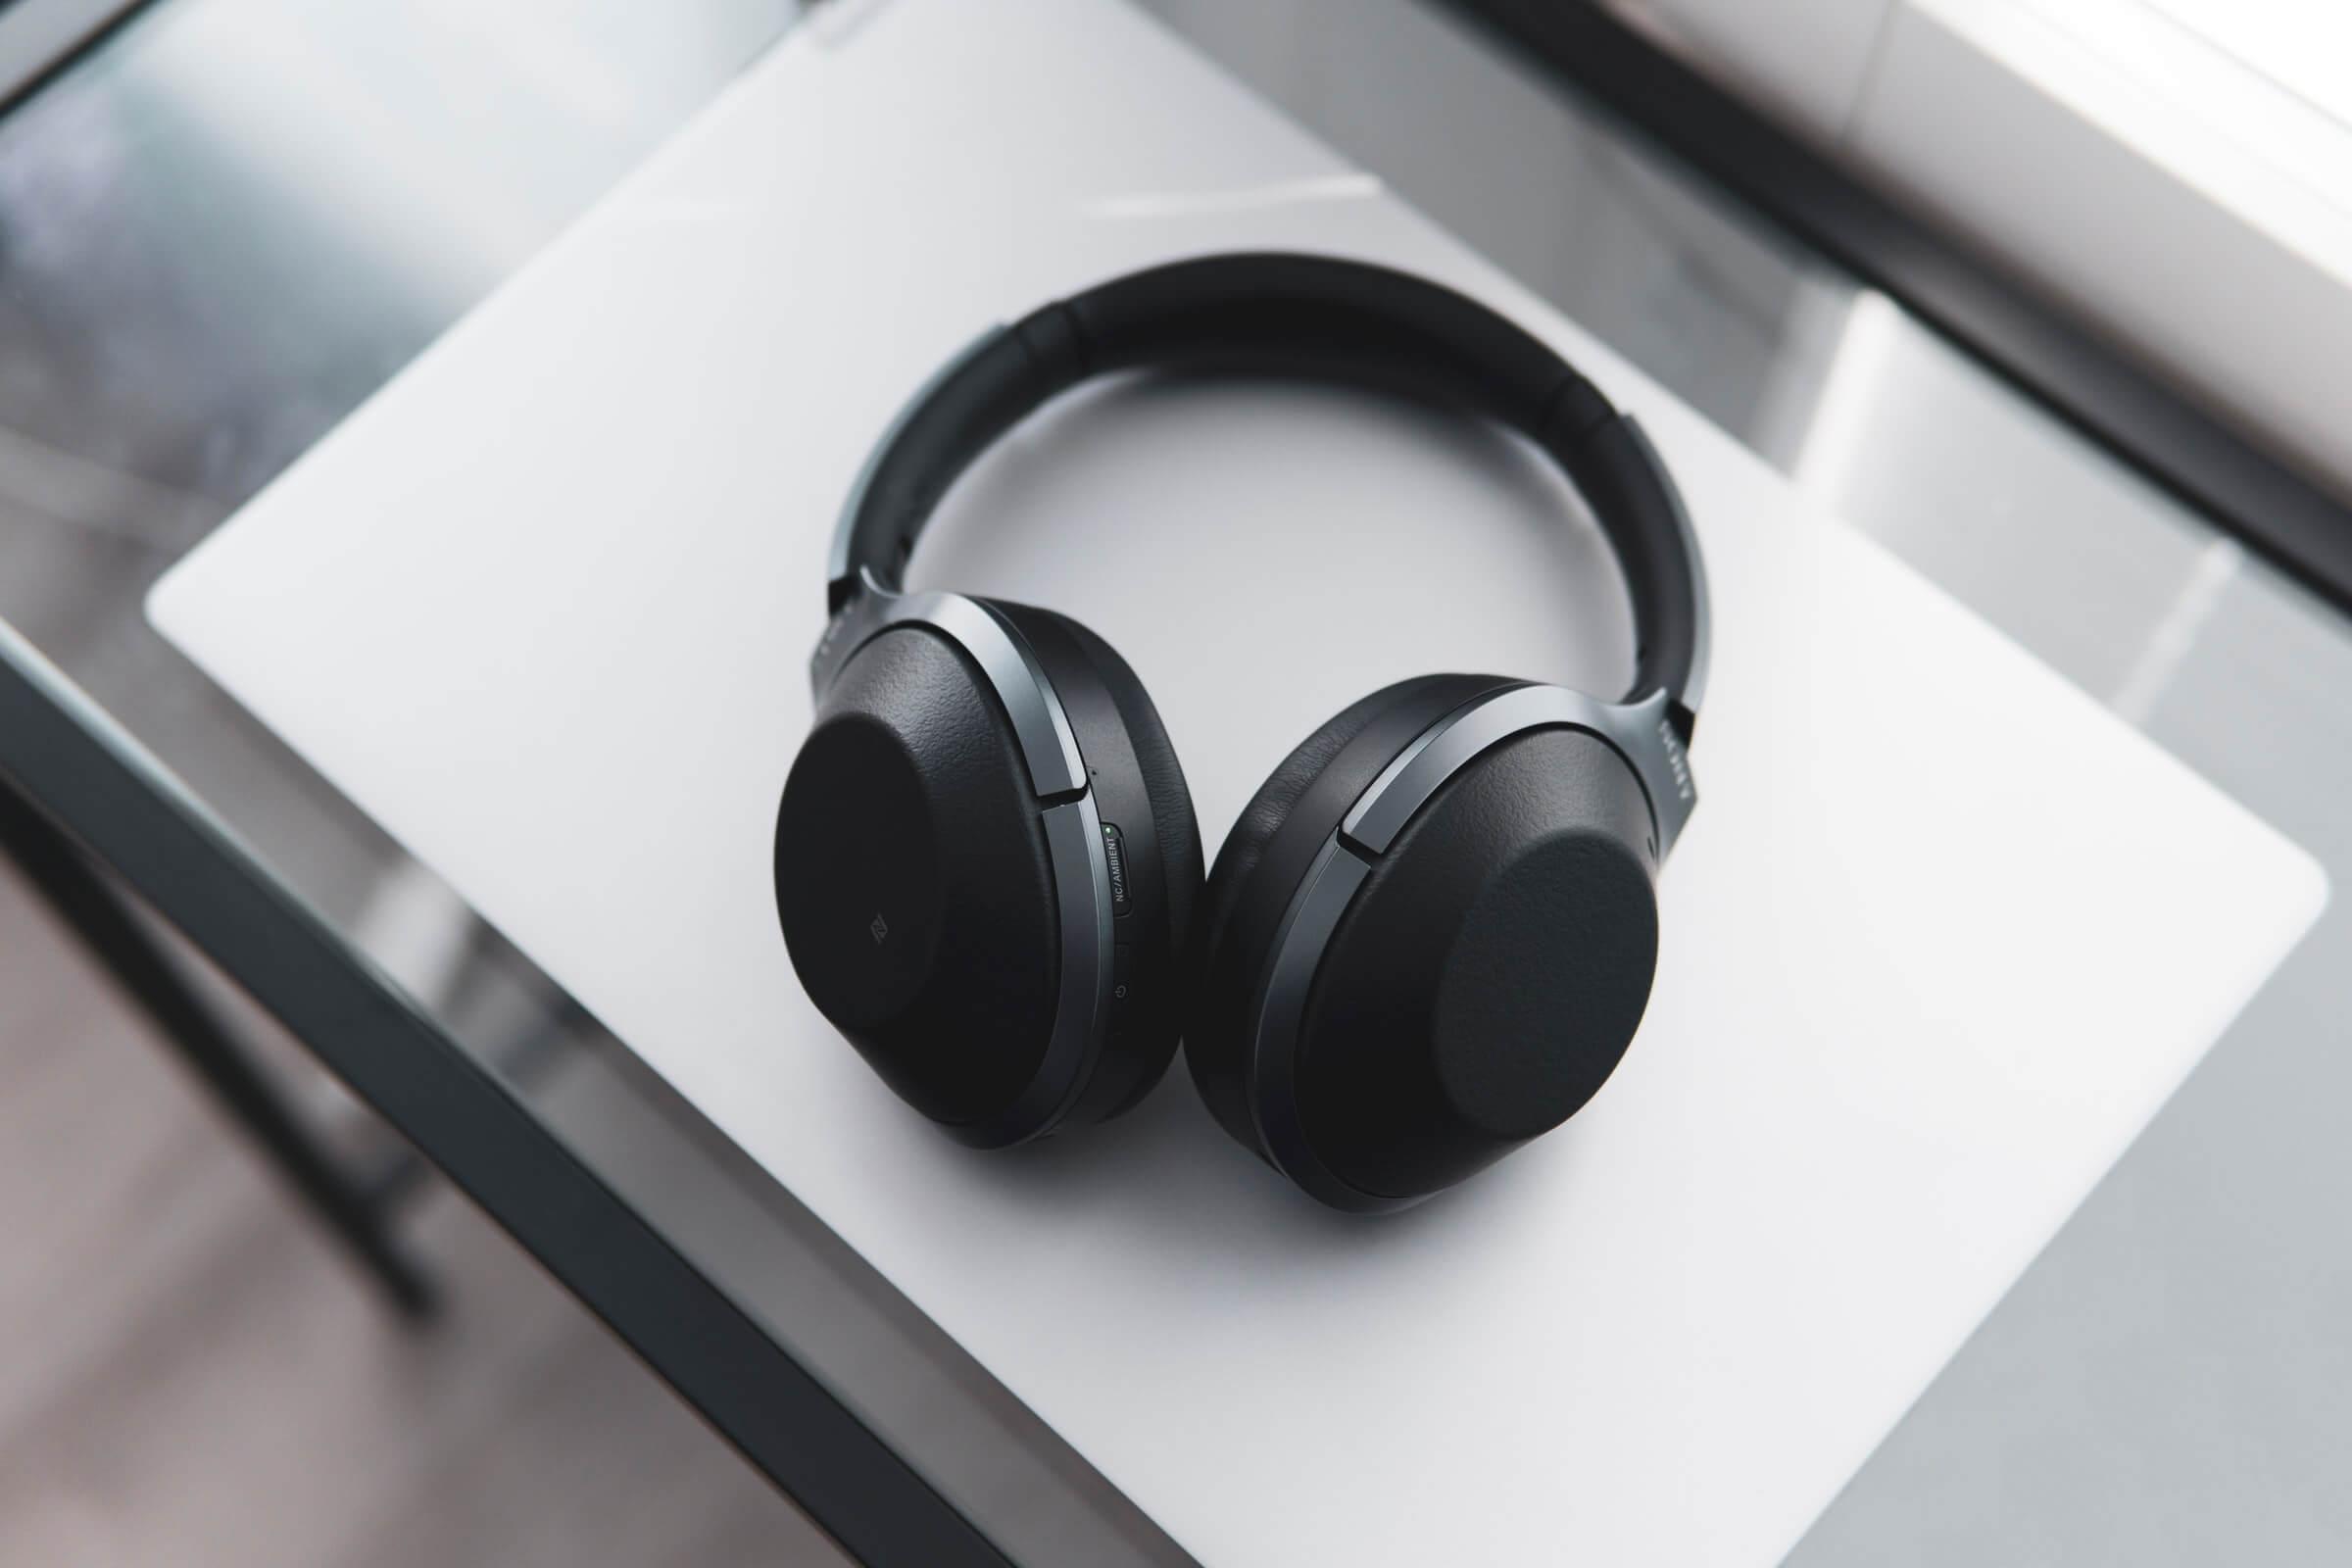 Best wireless headphones under 100